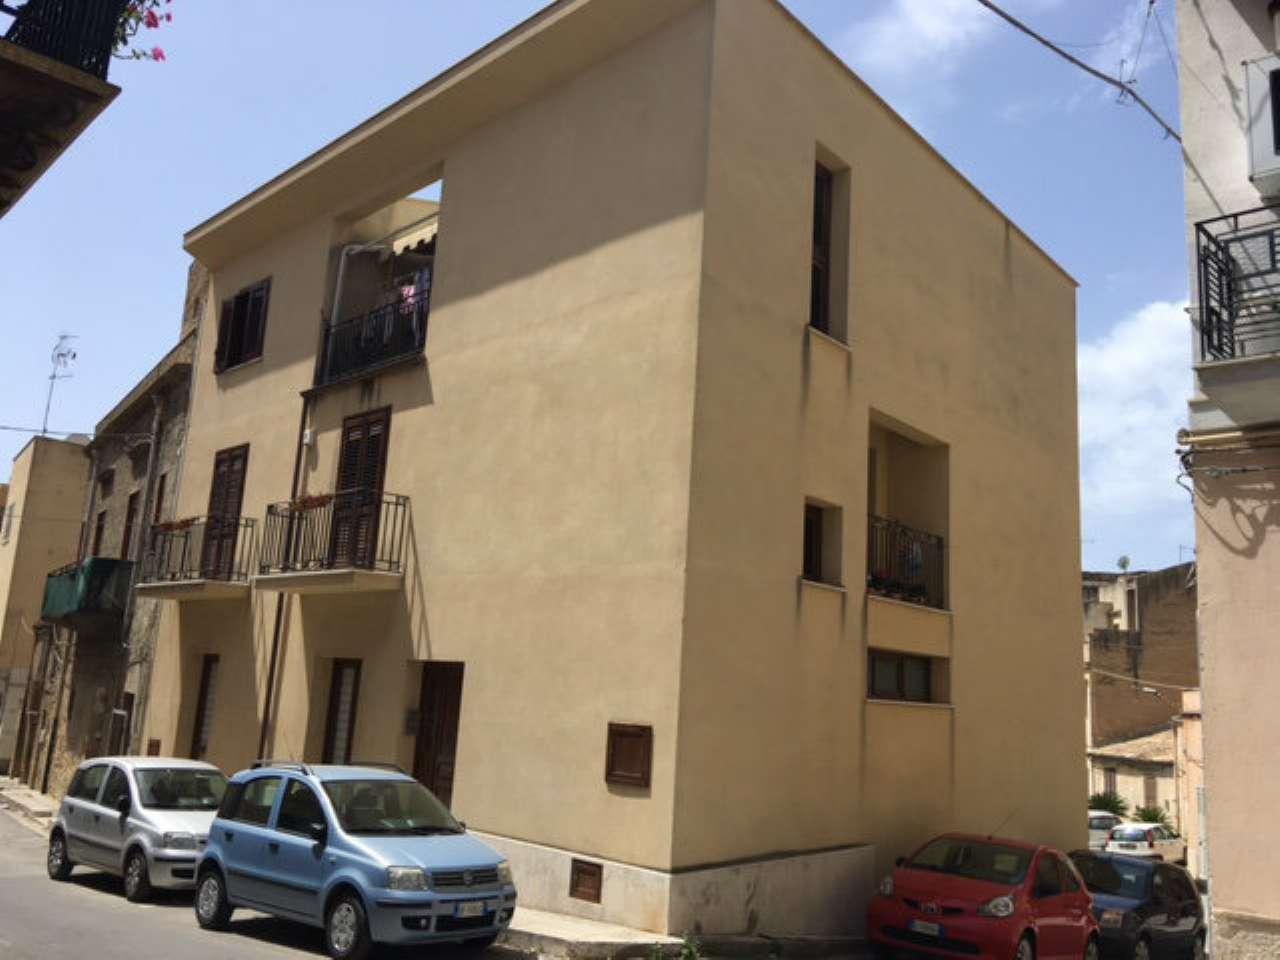 Soluzione Indipendente in vendita a Castelvetrano, 7 locali, prezzo € 195.000 | CambioCasa.it